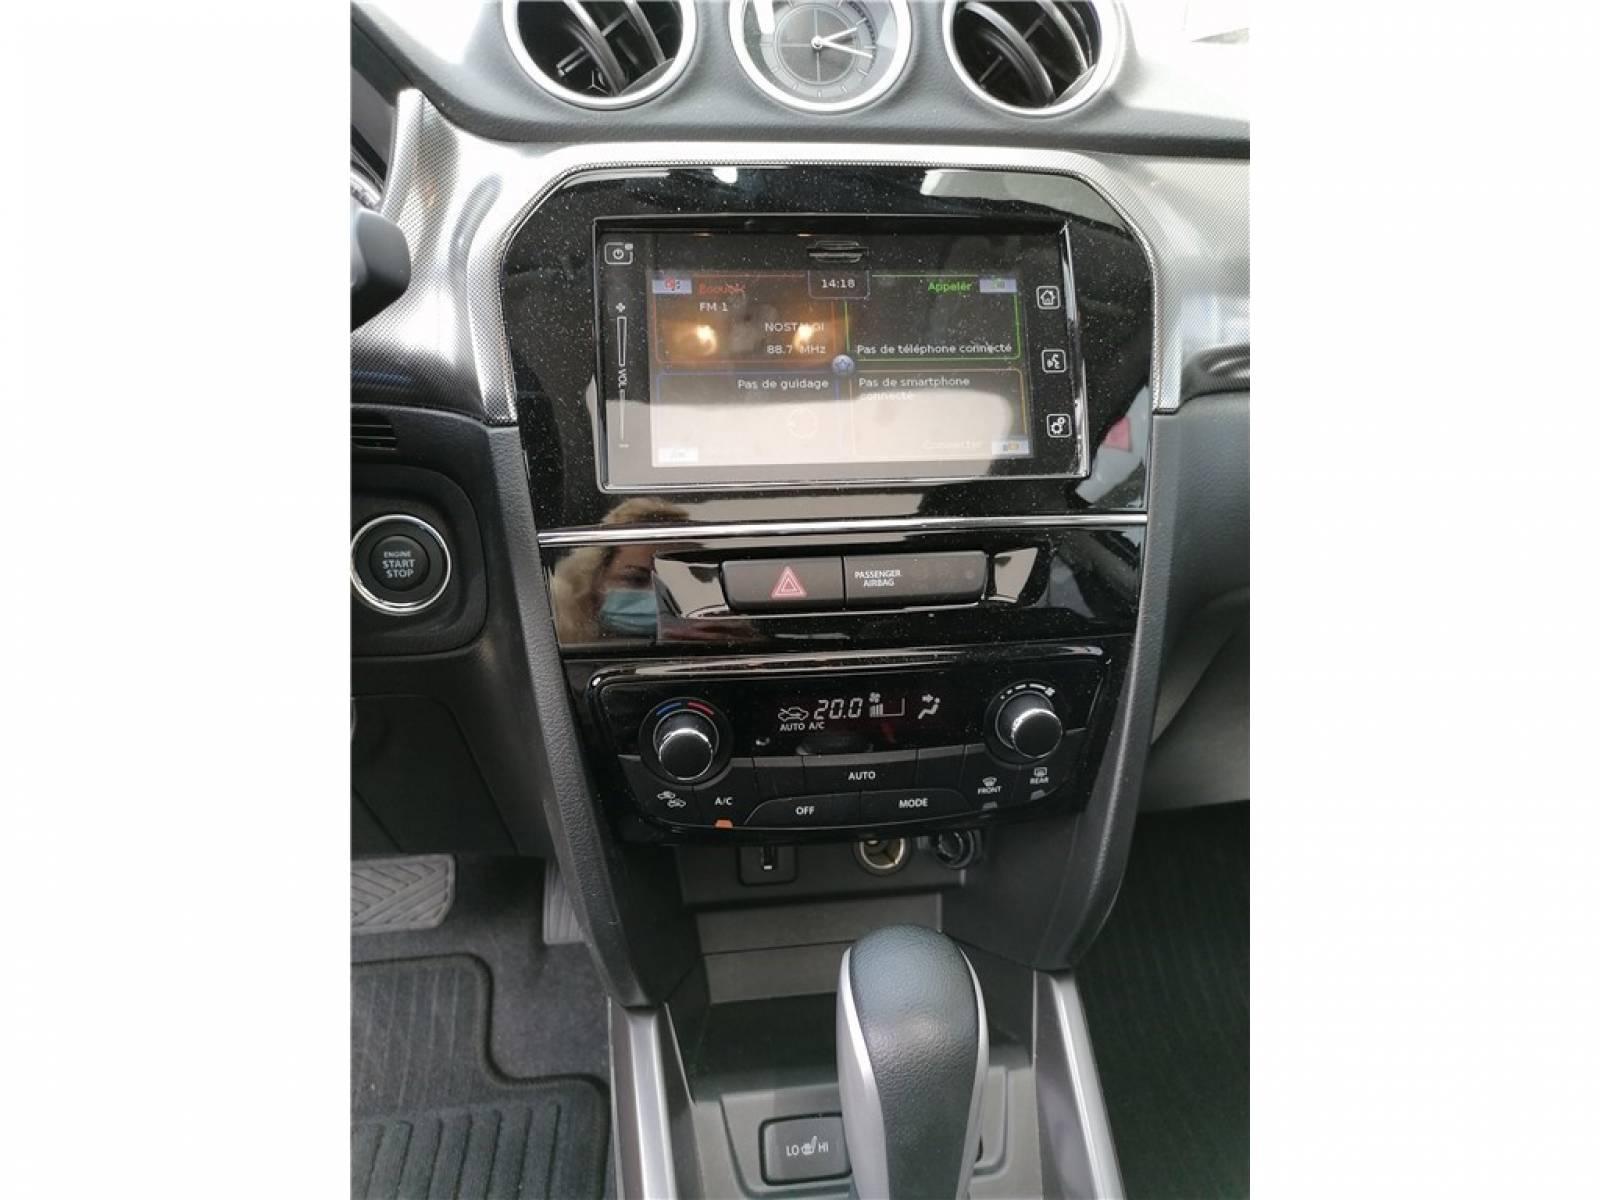 SUZUKI Vitara 1.4 Boosterjet Hybrid Auto - véhicule d'occasion - Groupe Guillet - Hall de l'automobile - Chalon sur Saône - 71380 - Saint-Marcel - 19